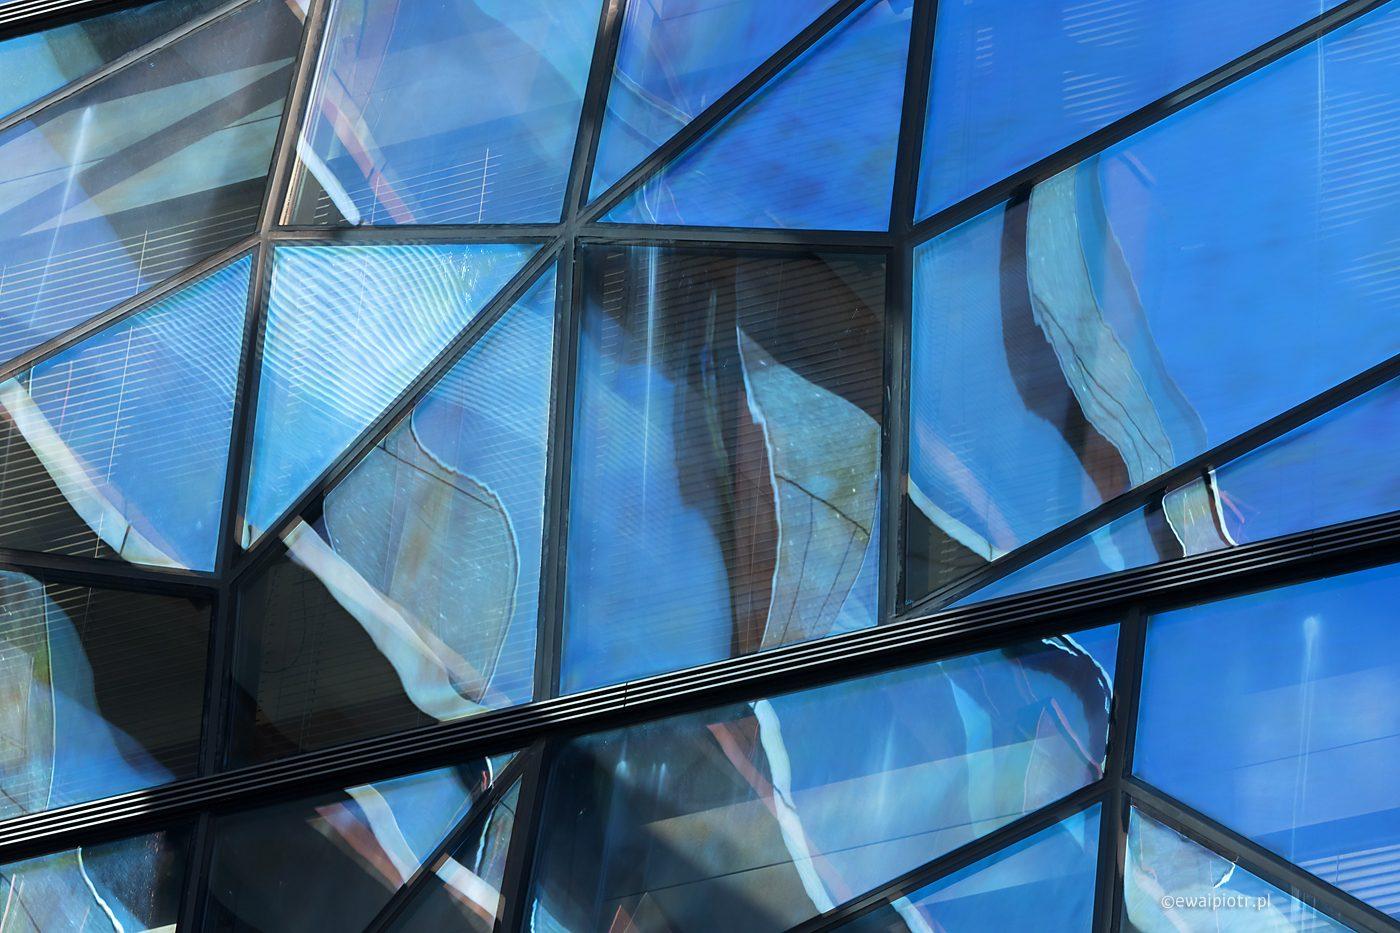 Praga, warsztaty fotograficzne, niebieskie okno, nowoczesna architektura